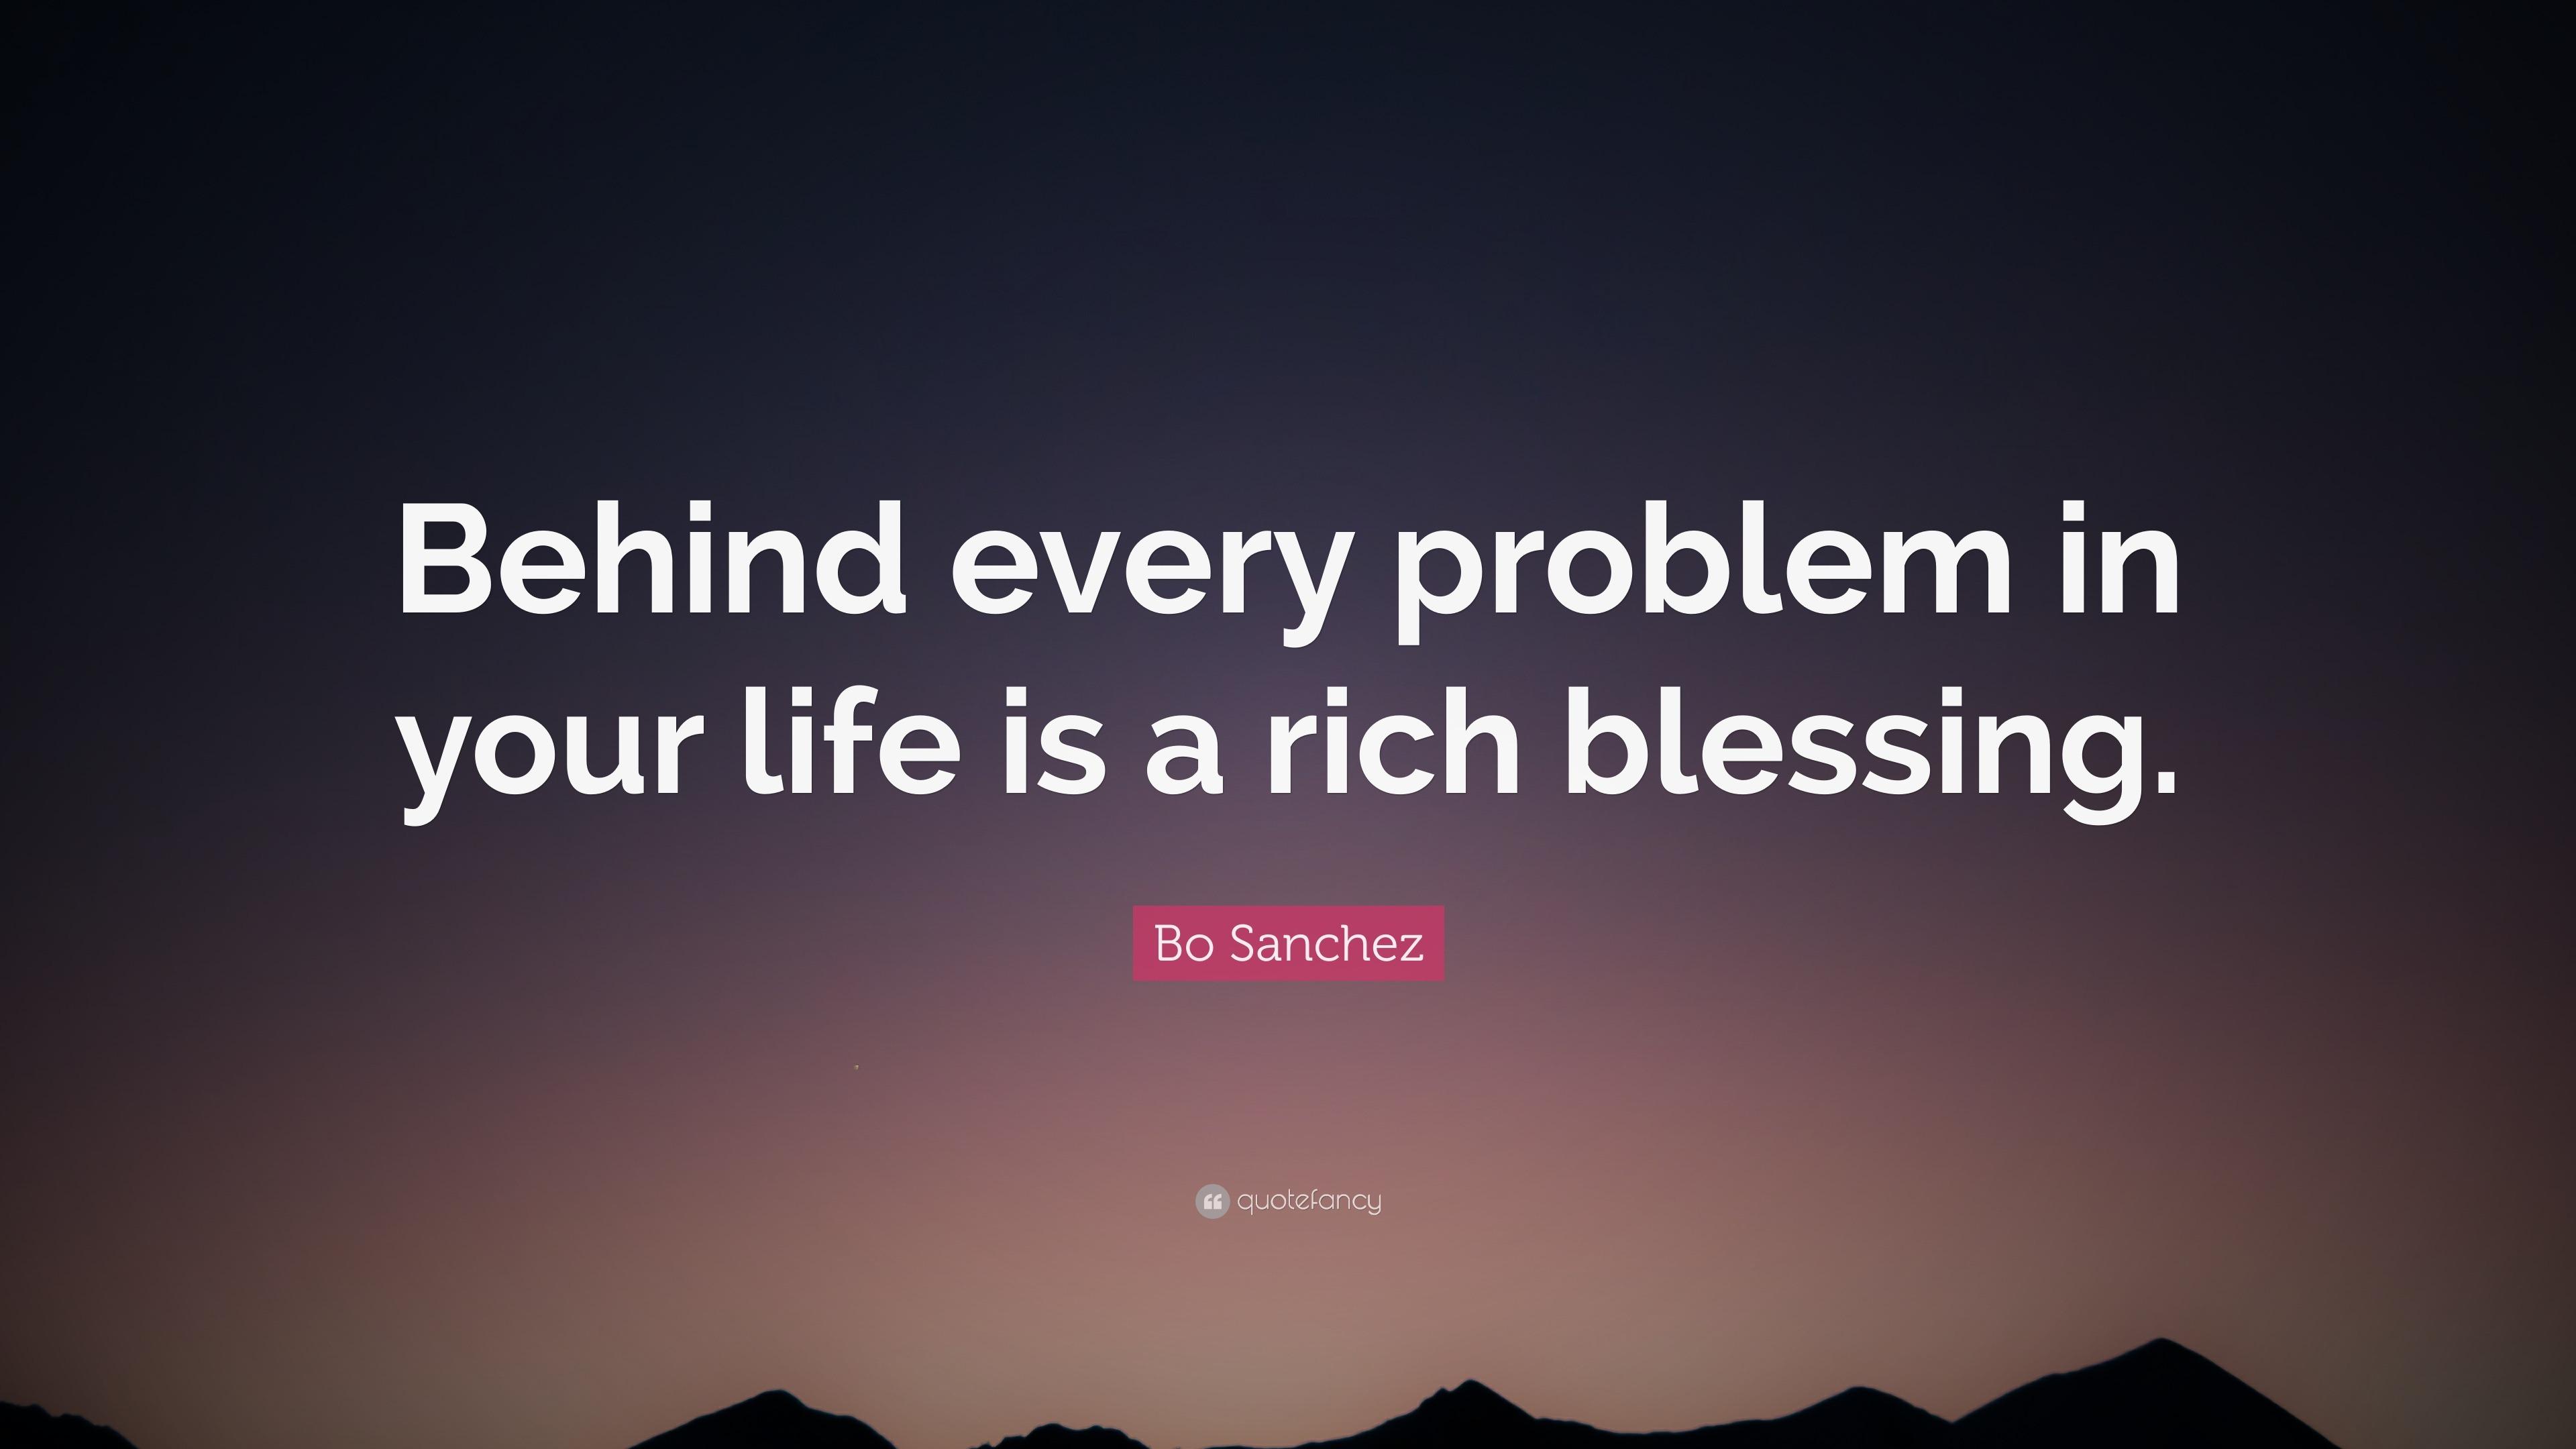 Problem Quotes Bo Sanchez Quotes 48 Wallpapers  Quotefancy